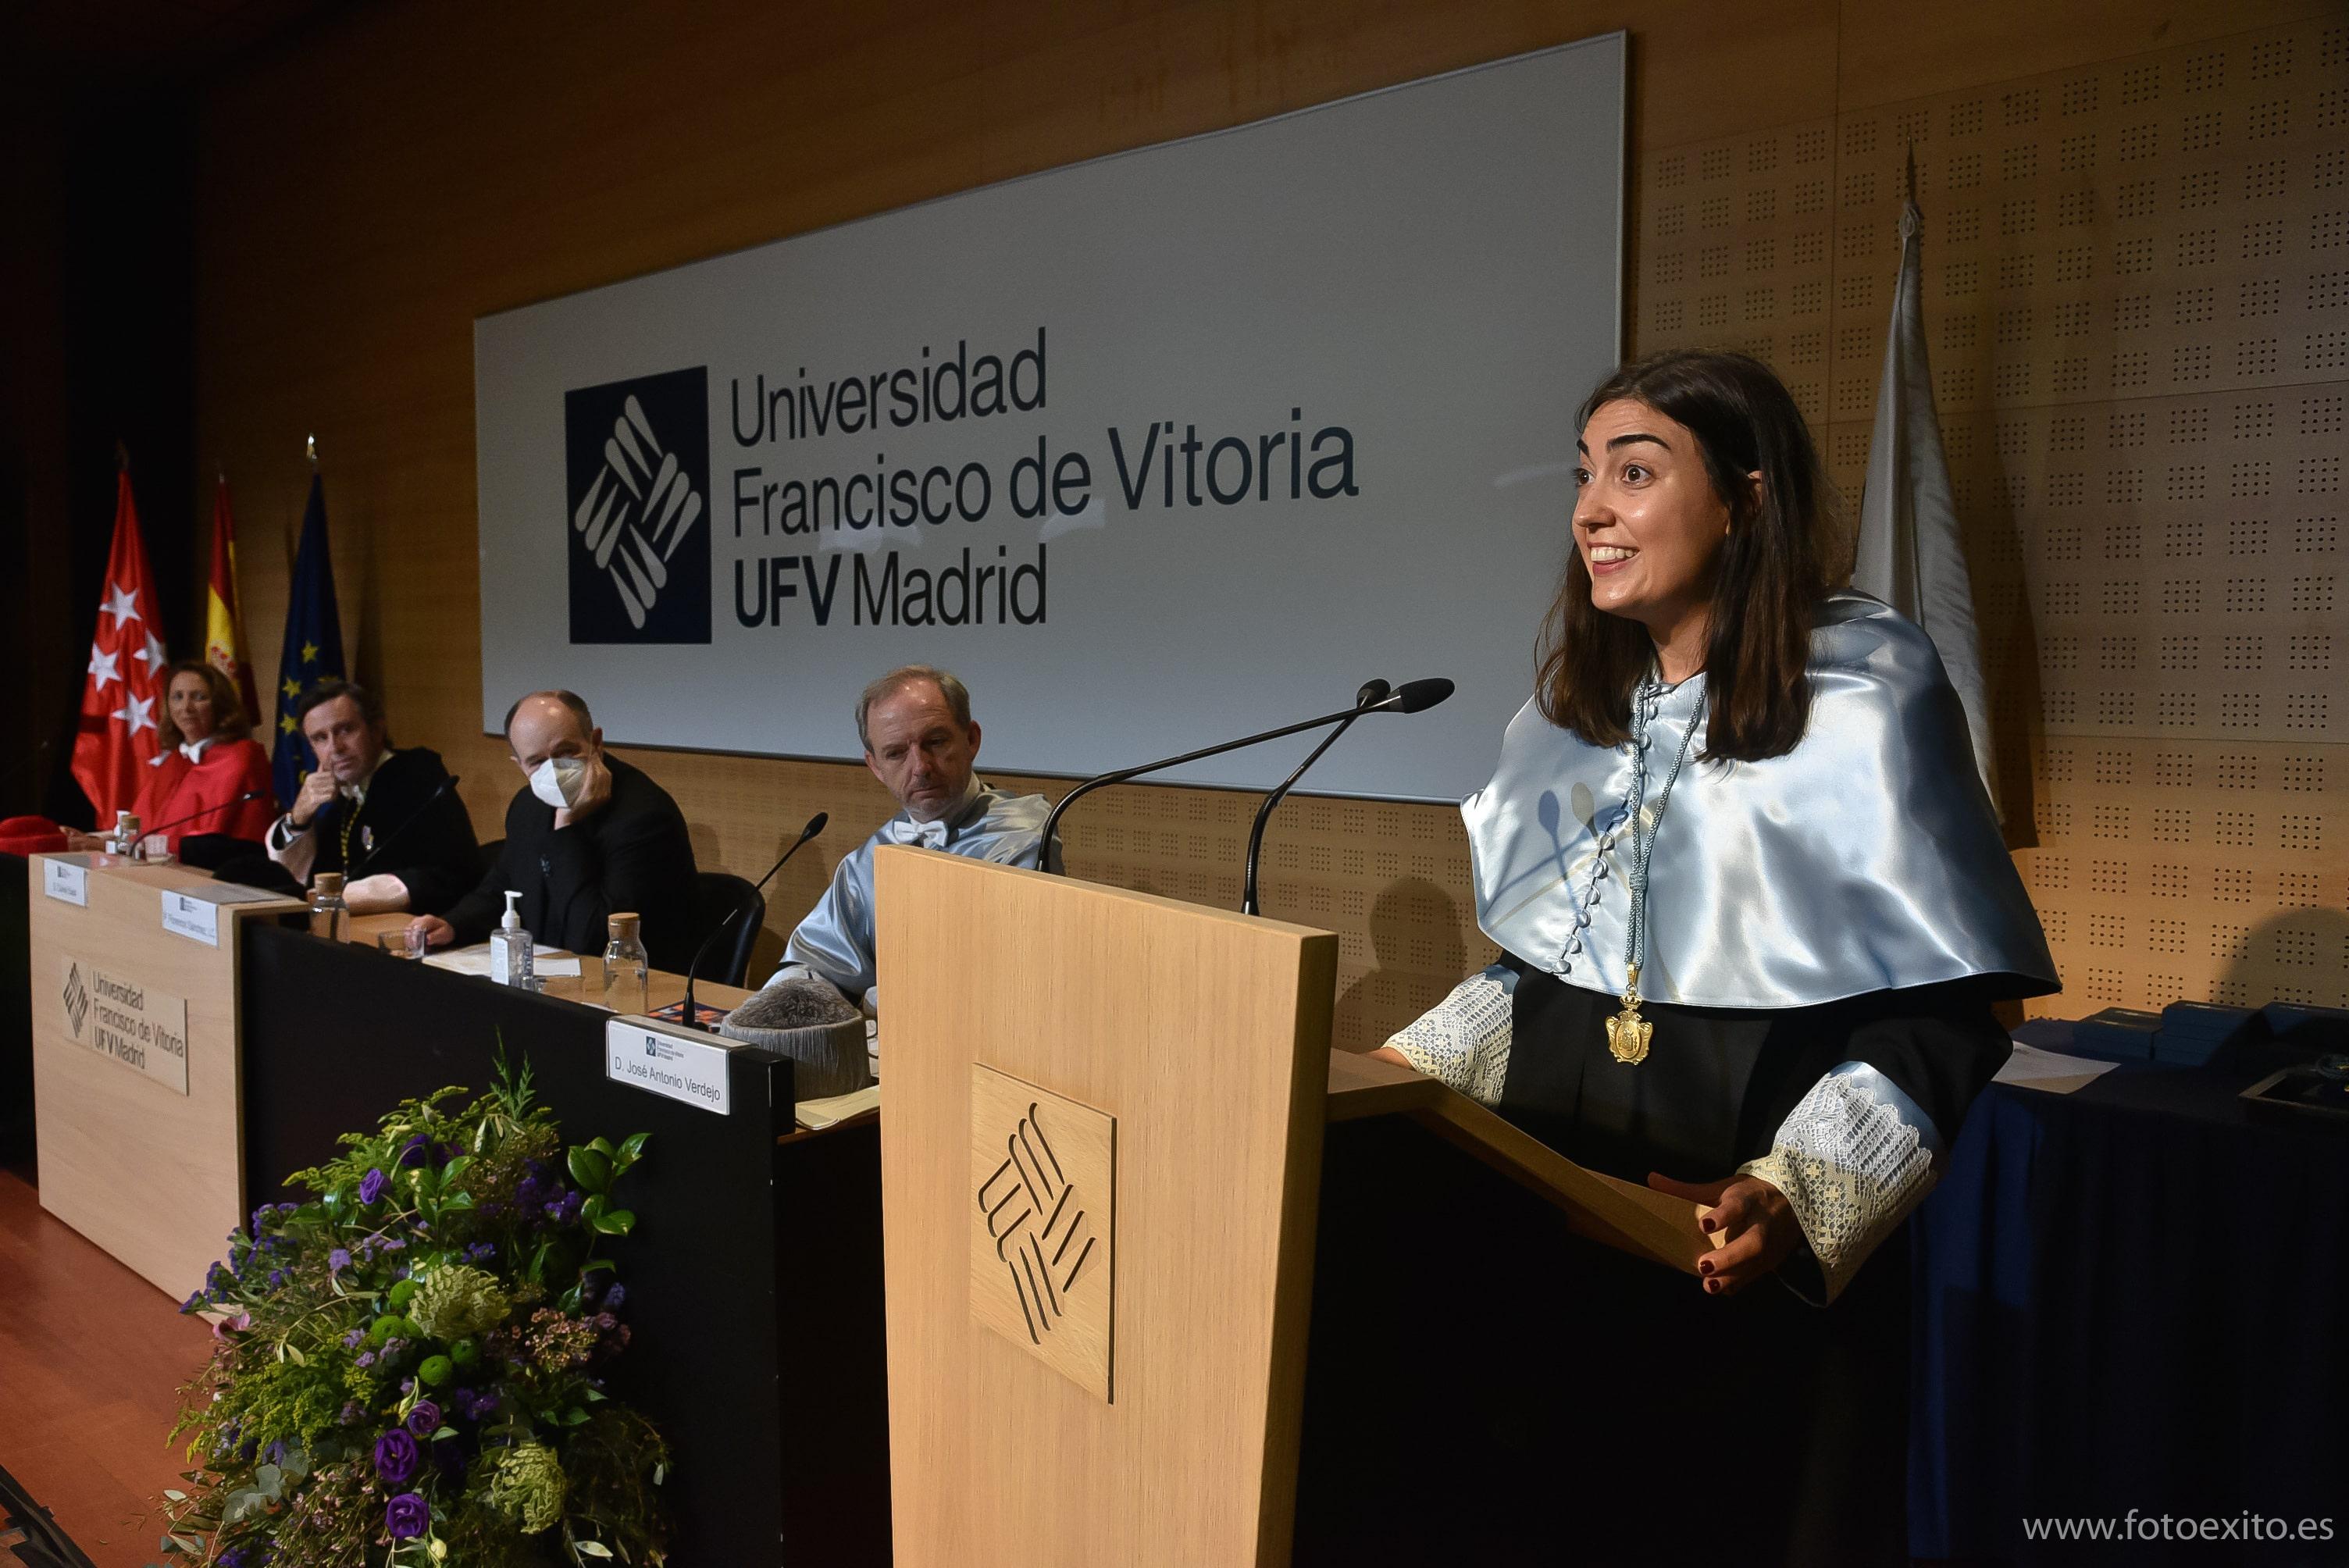 210915UFV 329 min Actos académicos Estudiar en Universidad Privada Madrid